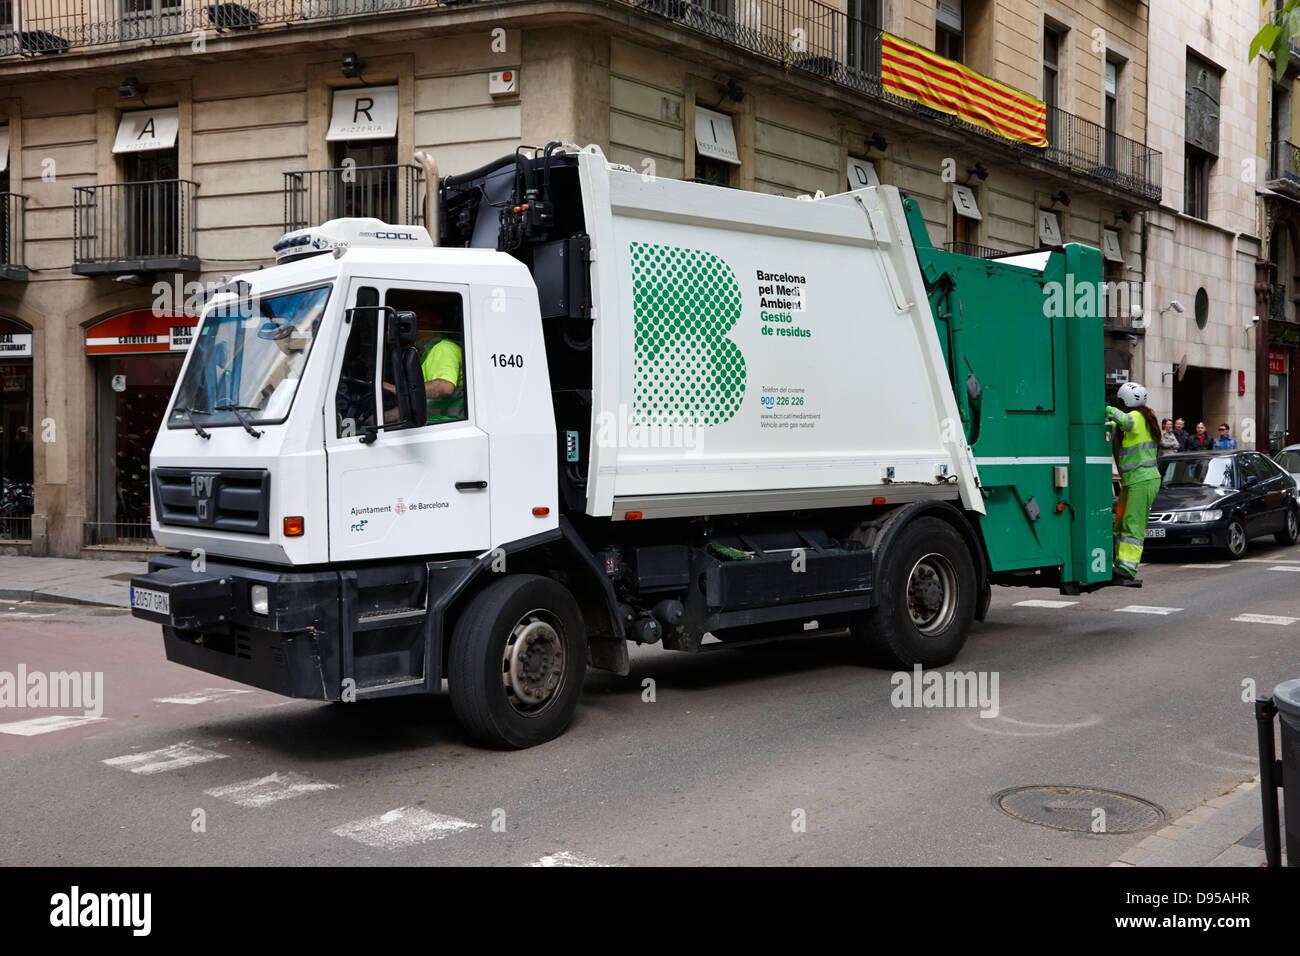 Barcellona pel medi ambient gestio de residus smaltimento dei rifiuti veicolo Catalogna SPAGNA Immagini Stock